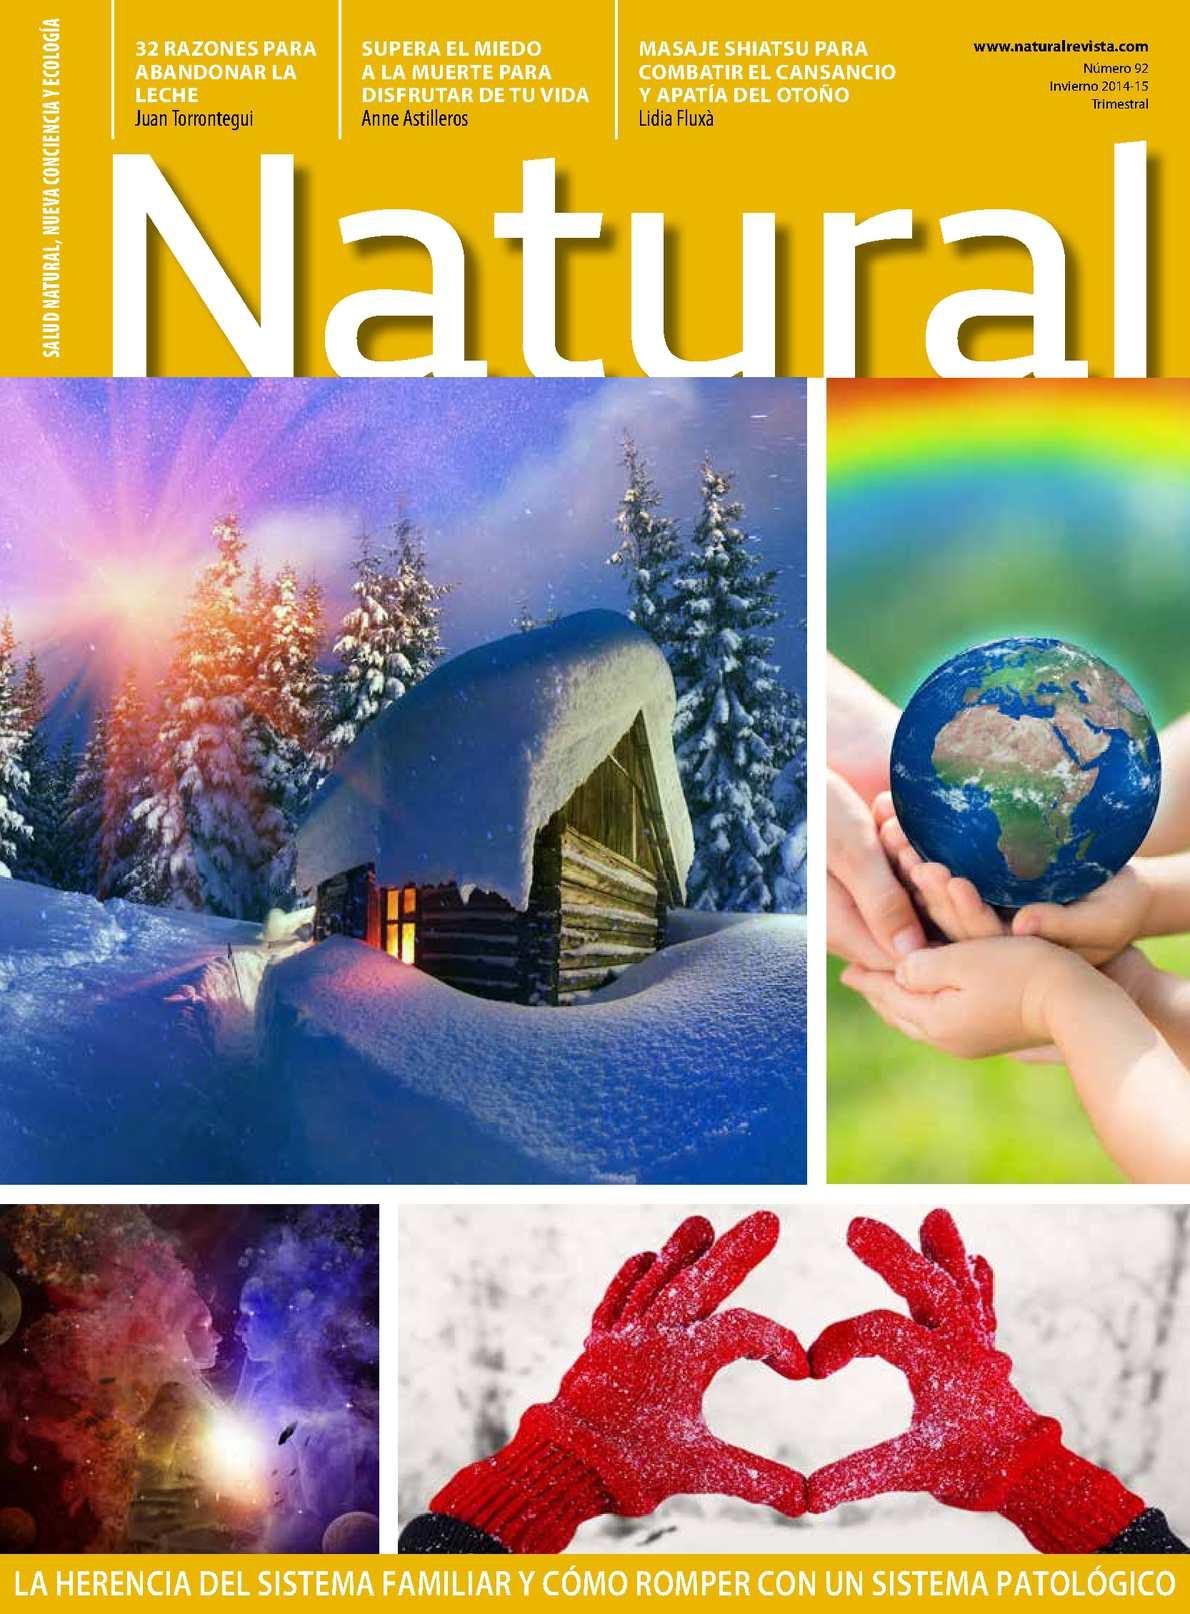 Natural 92